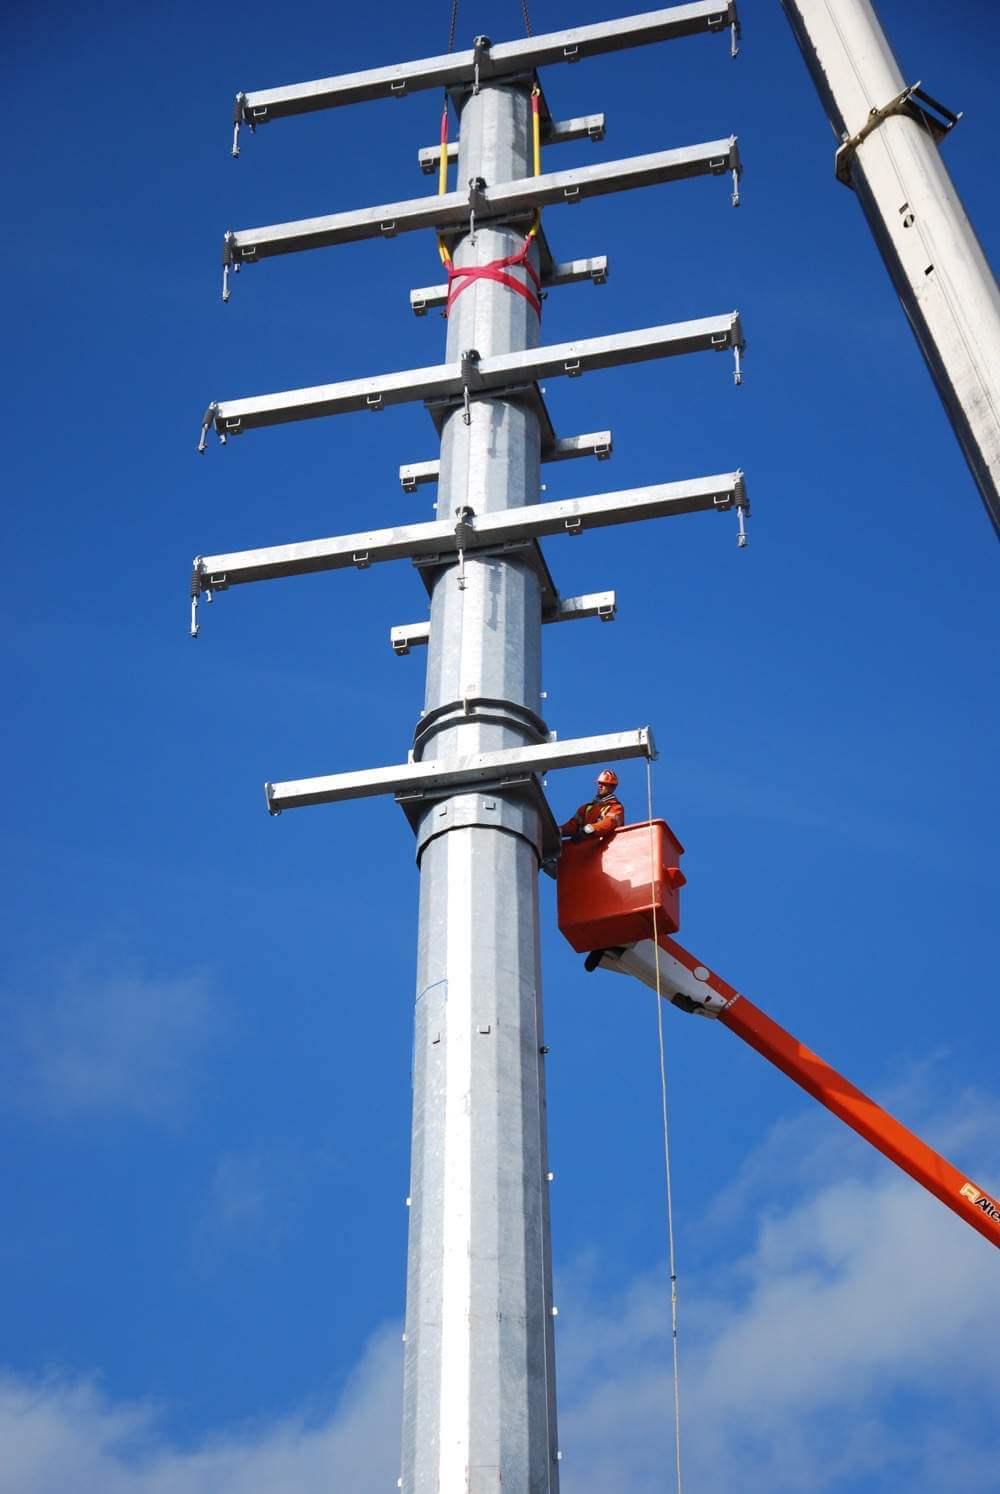 Worker up high in bucket beside pole